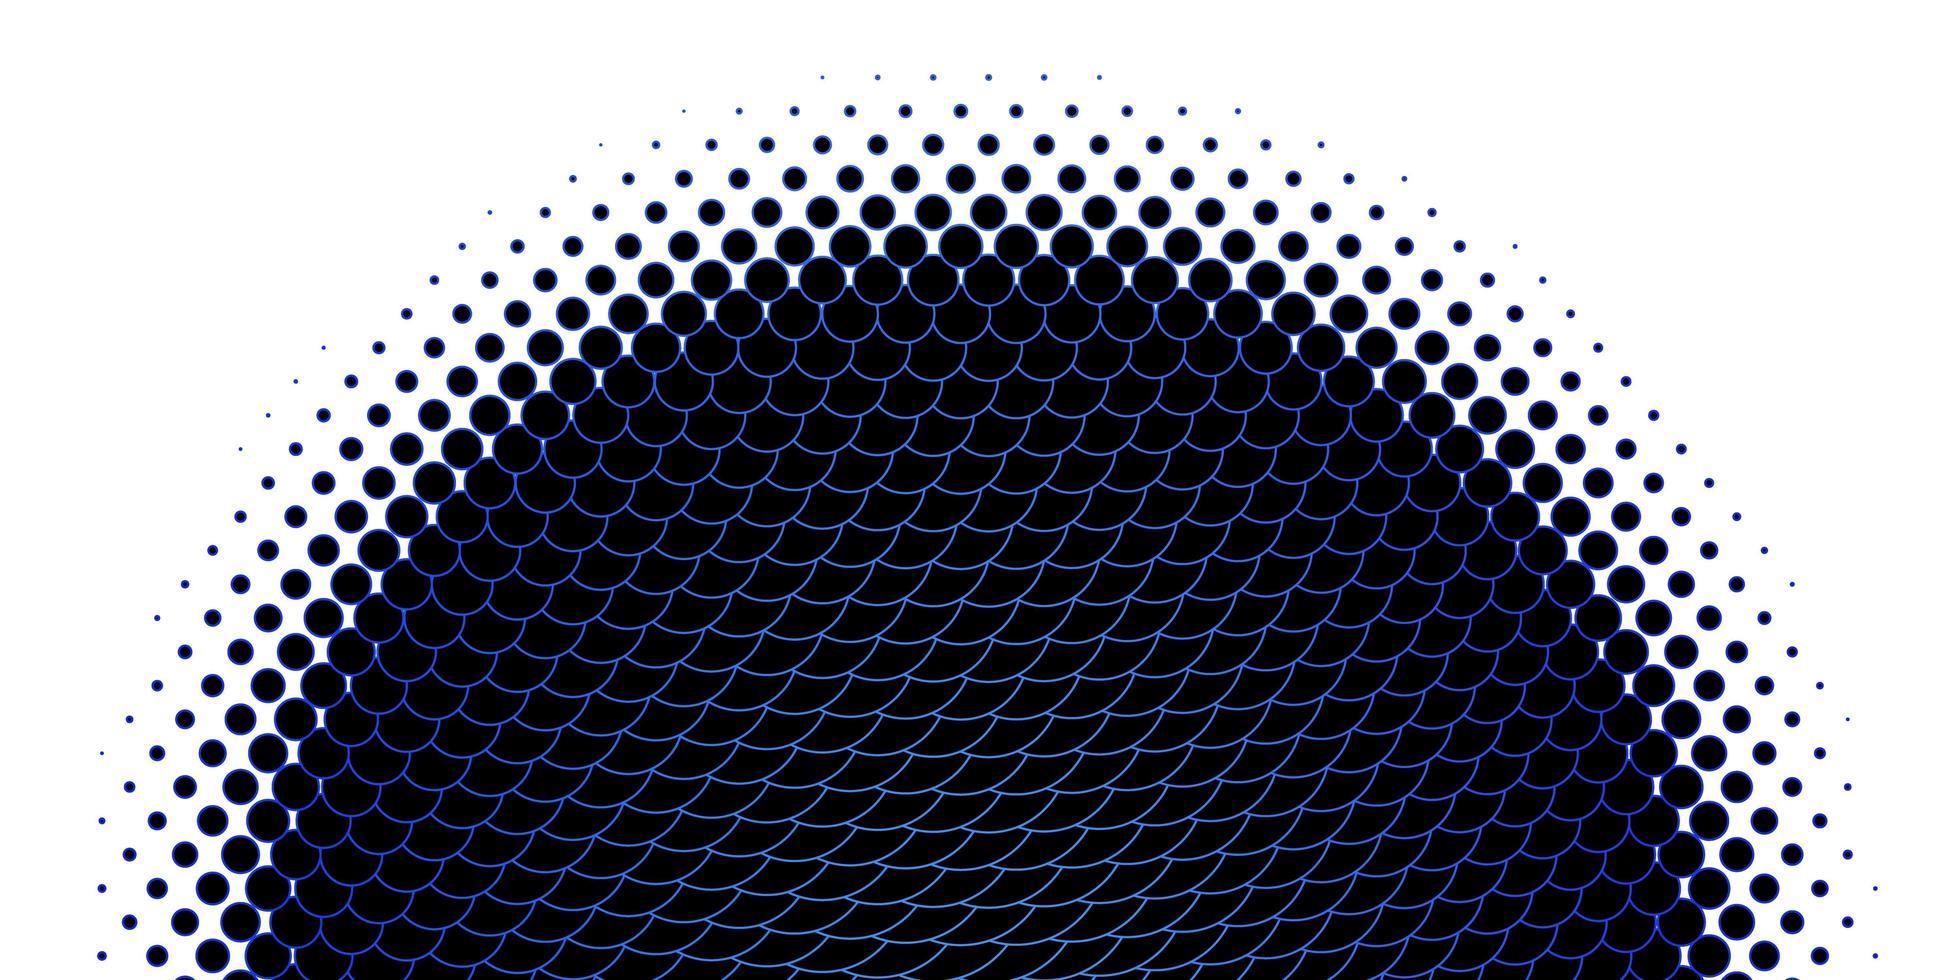 plantilla de círculos contorneados azul claro vector